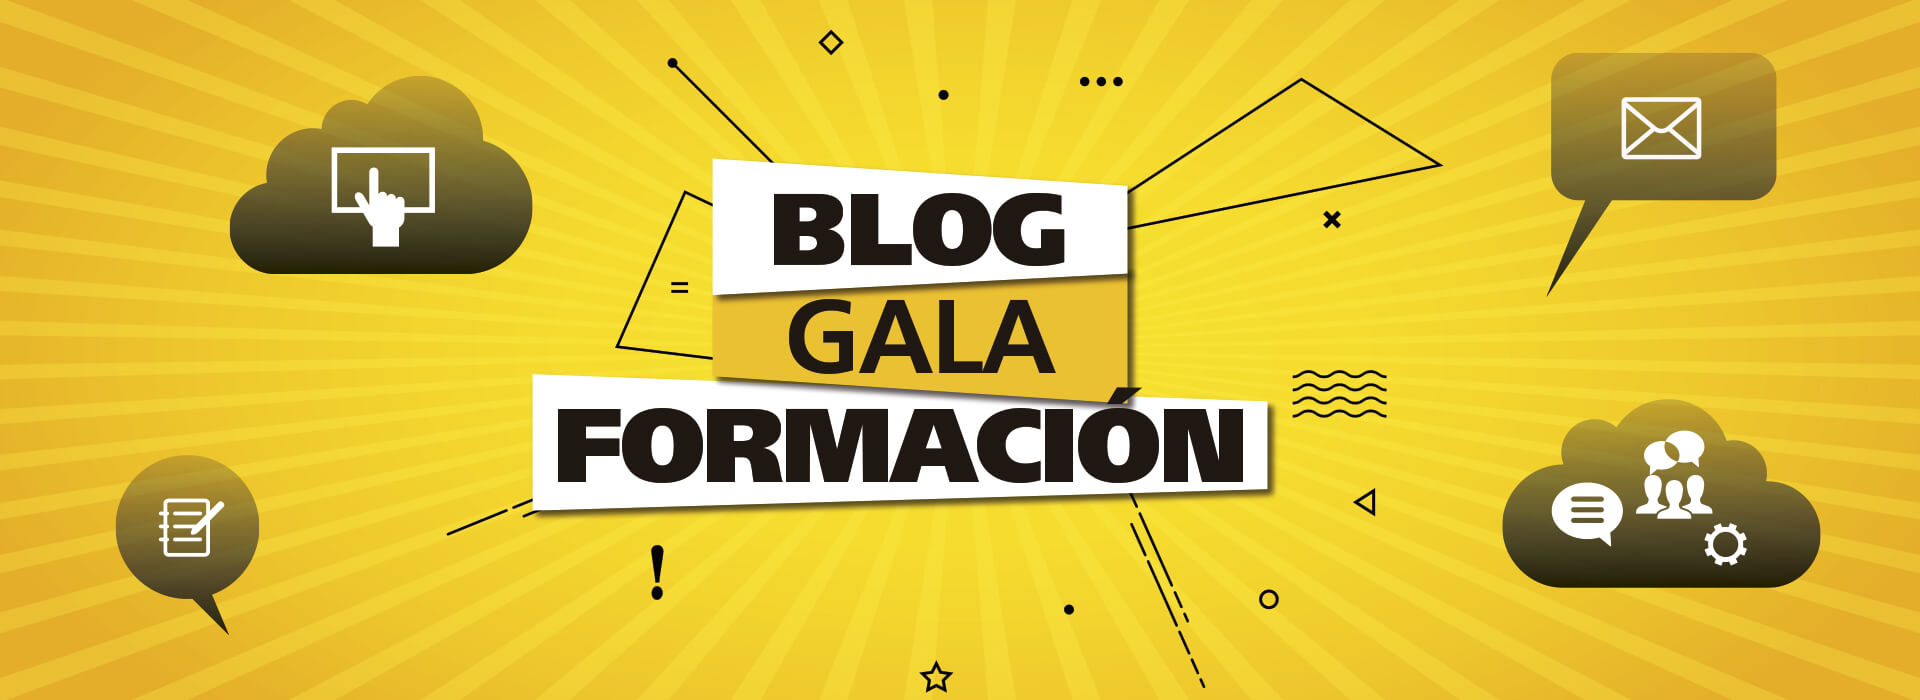 cabecera-blog-formacion